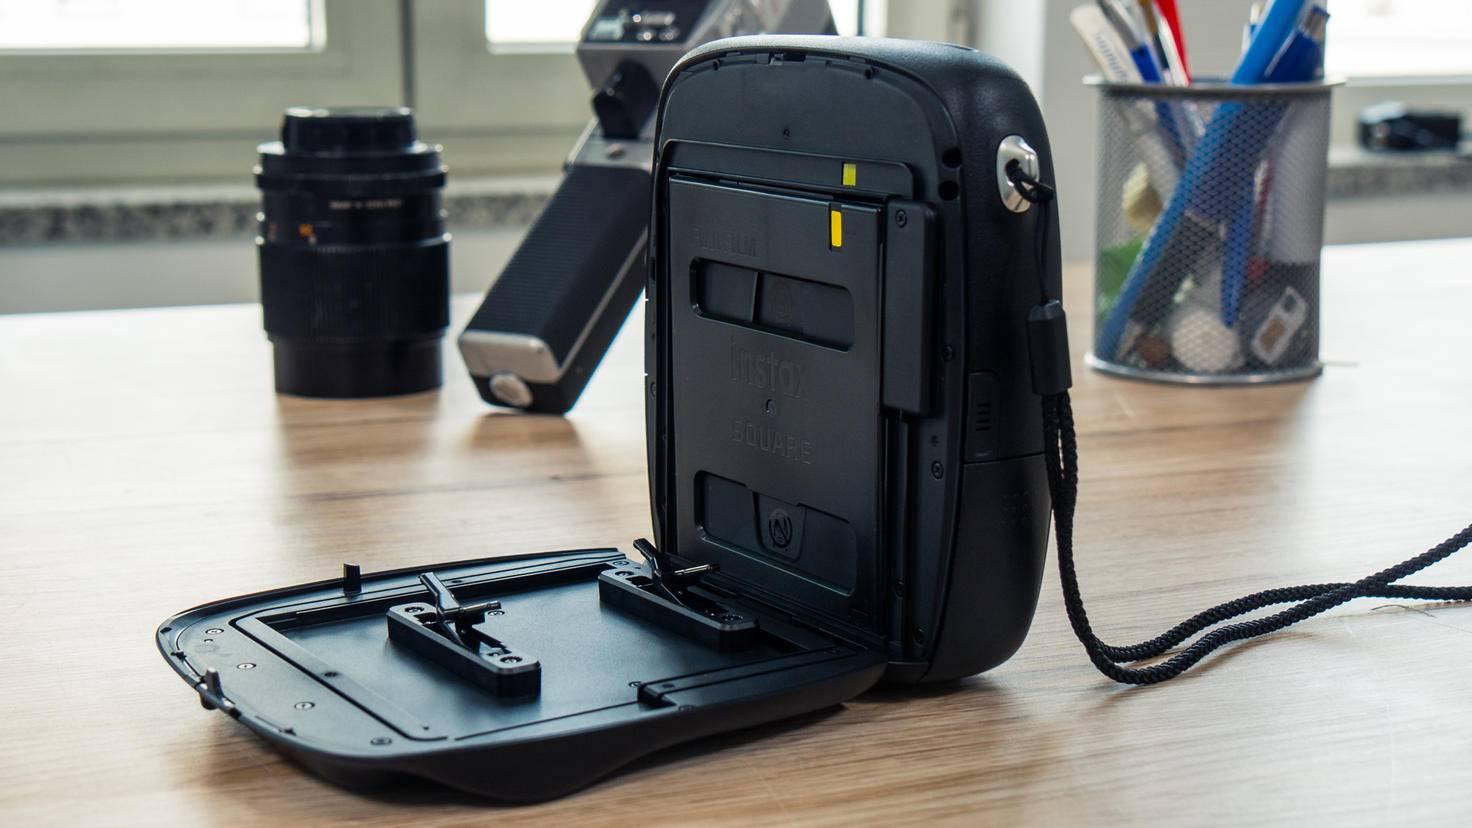 Die Rückseite kann komplett ausgeklappt werden, um die Filmkassette einzusetzen und auszutauschen.